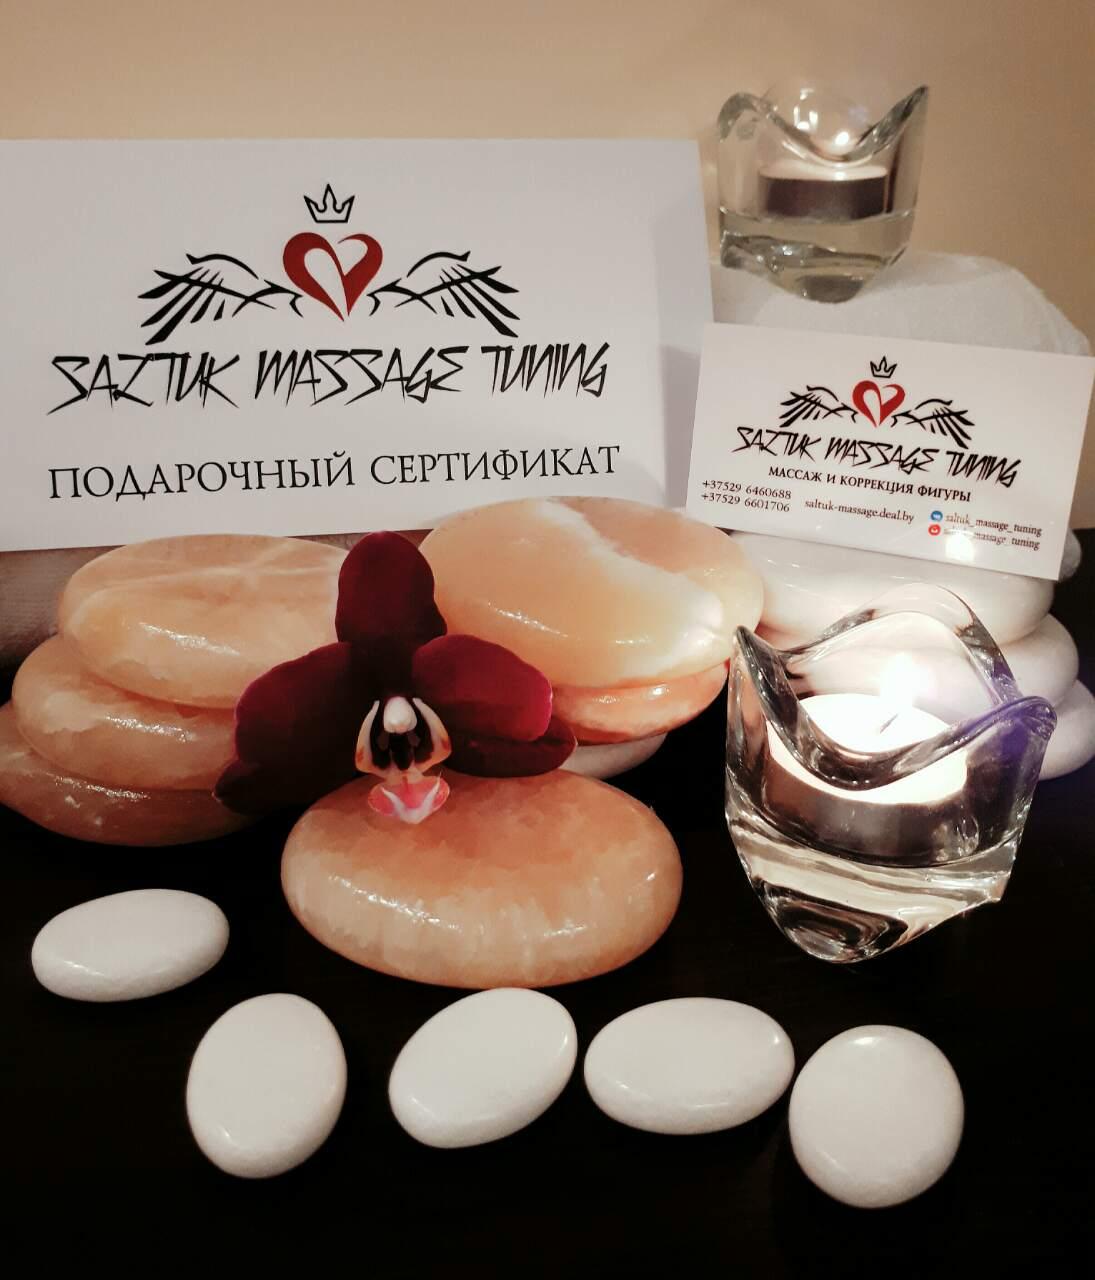 Подарочный сертификат на коррекцию фигуры (терапия целлюлита) от 10 руб. + подарок